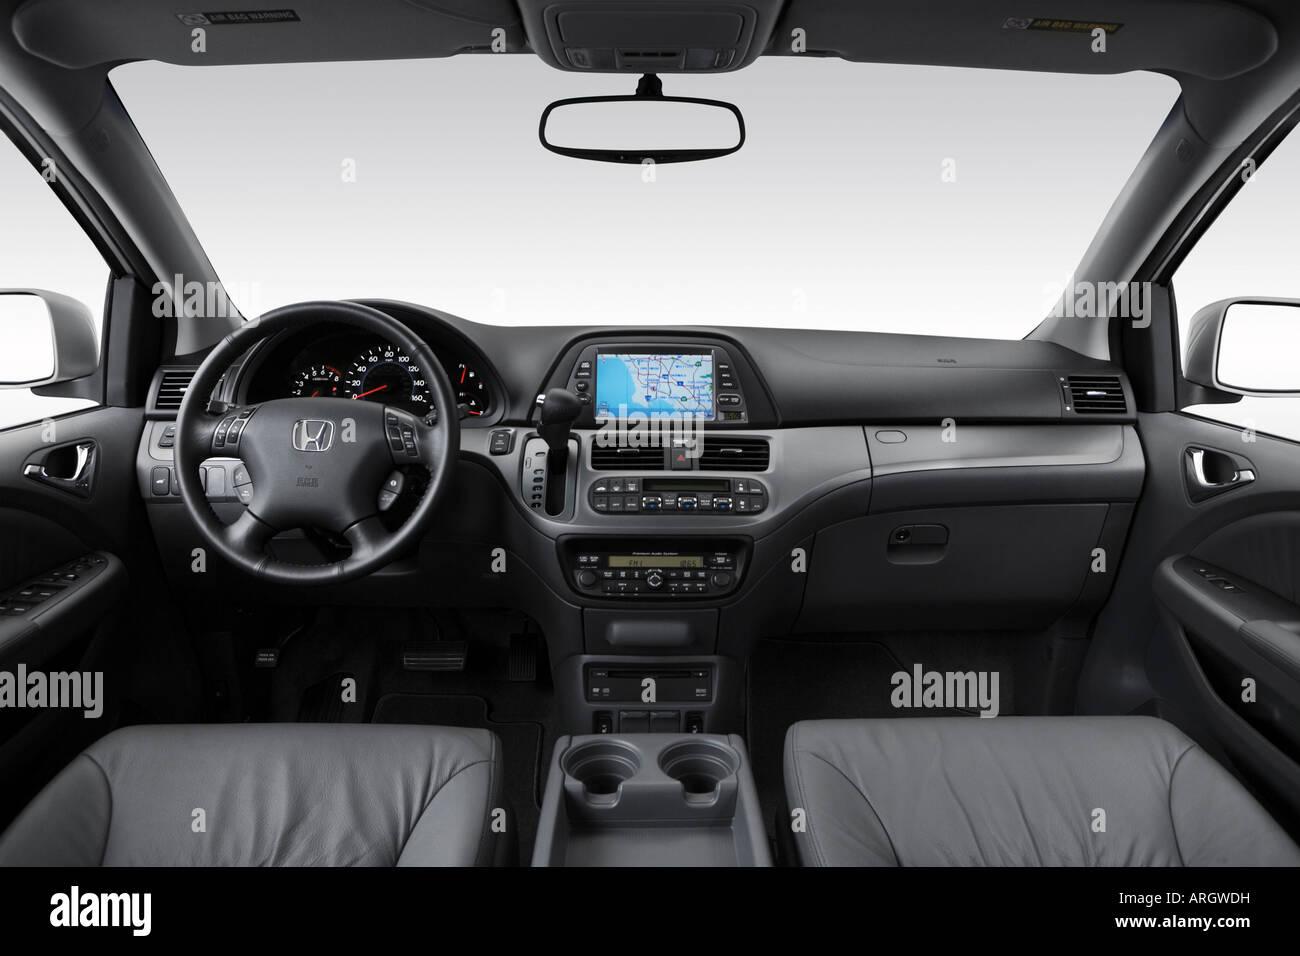 2007 Honda Odyssey Touring Em Prata   Painel De Bordo, Consola Central,  Vista De Mudança De Marchas